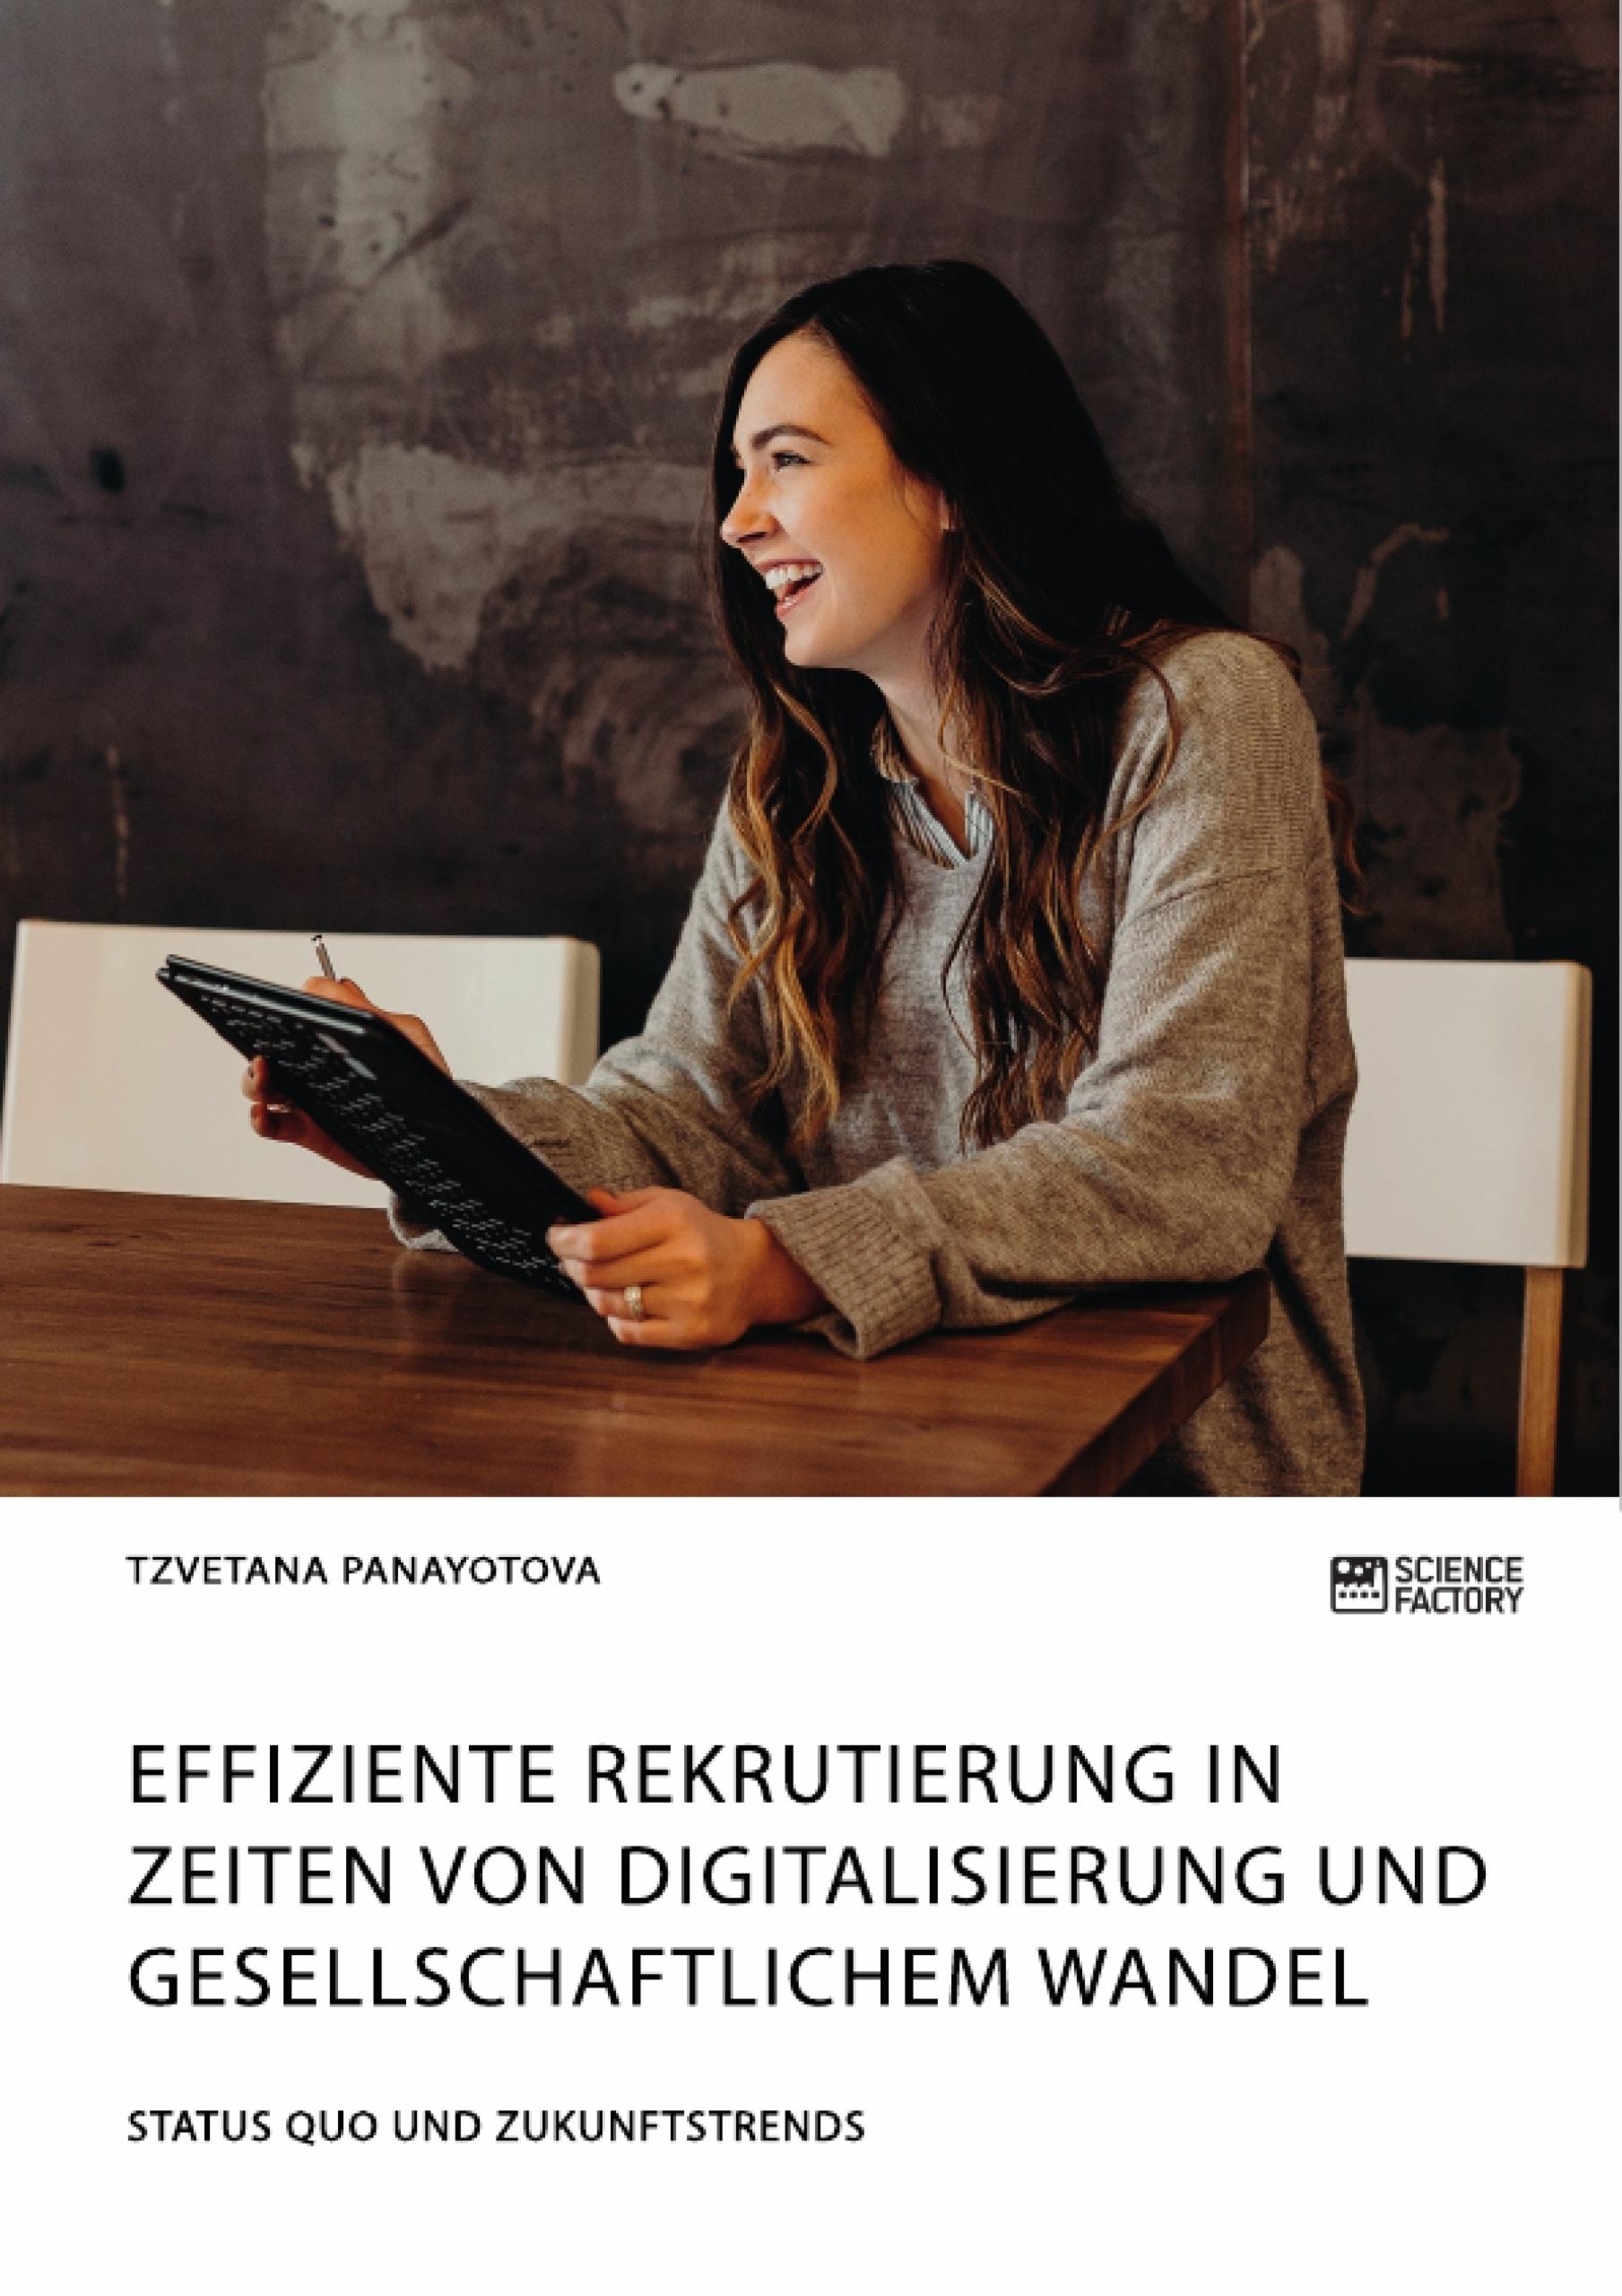 Titel: Effiziente Rekrutierung in Zeiten von Digitalisierung und gesellschaftlichem Wandel. Status Quo und Zukunftstrends